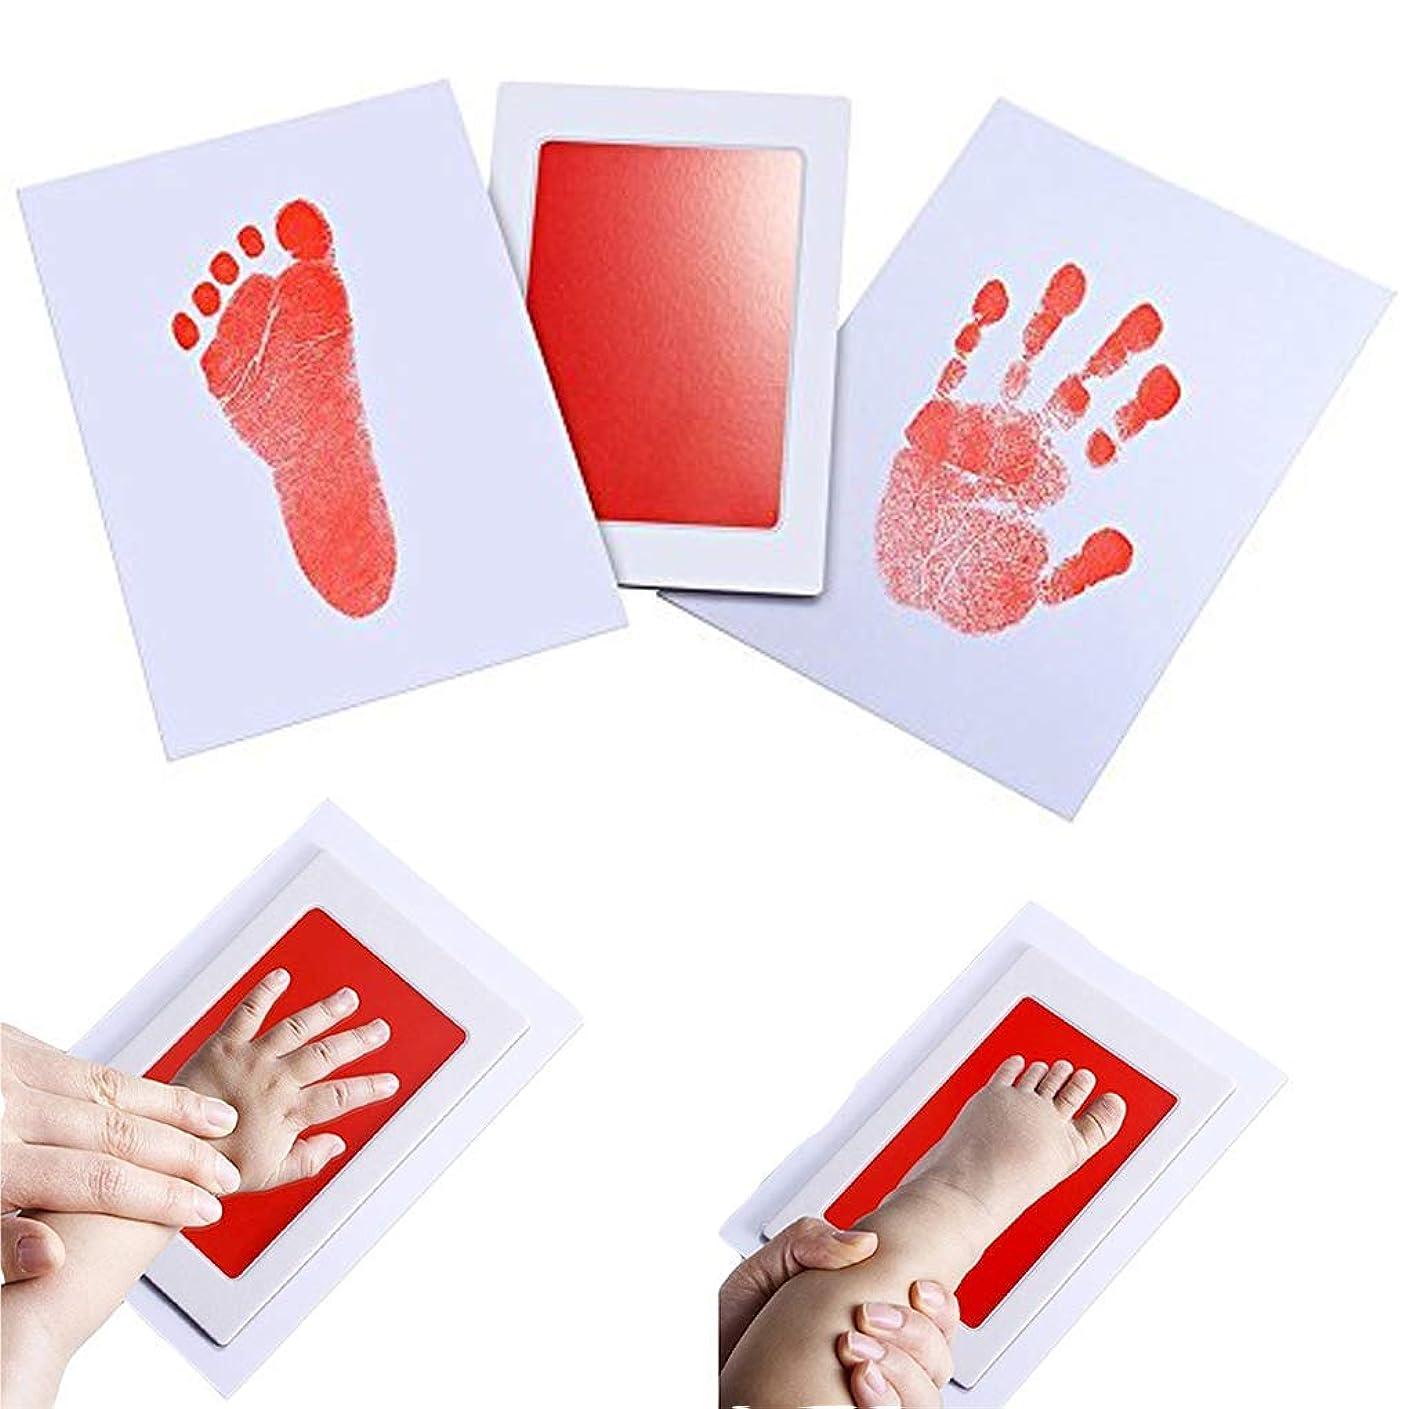 うなずく労苦クロニクル赤ちゃん 手形 足型 フォトフレーム 赤ちゃん 誕生 手形足型 写真立て フォトフレーム 卓上用 出産祝い2枚入 (0?1歳用)